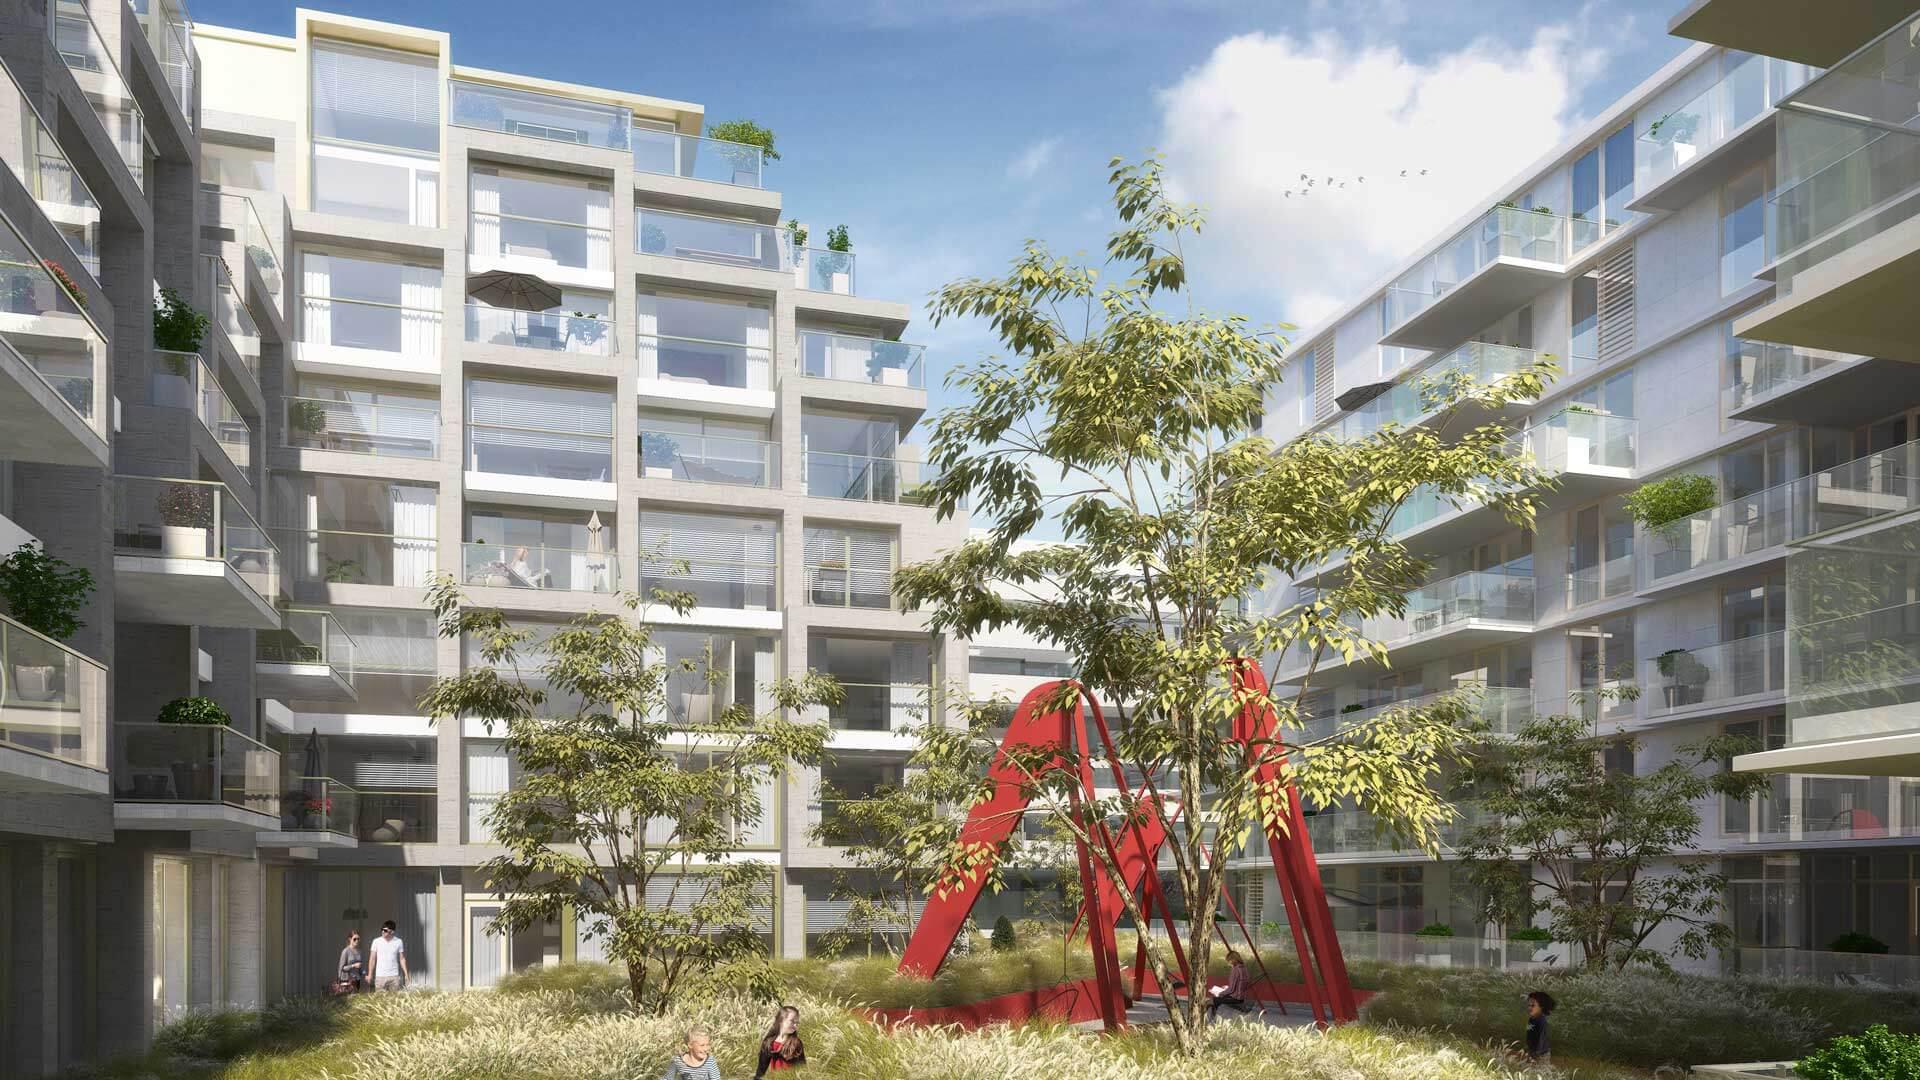 The-Grid-Werk-yoreM-Nieuwbouw-Overhoeks